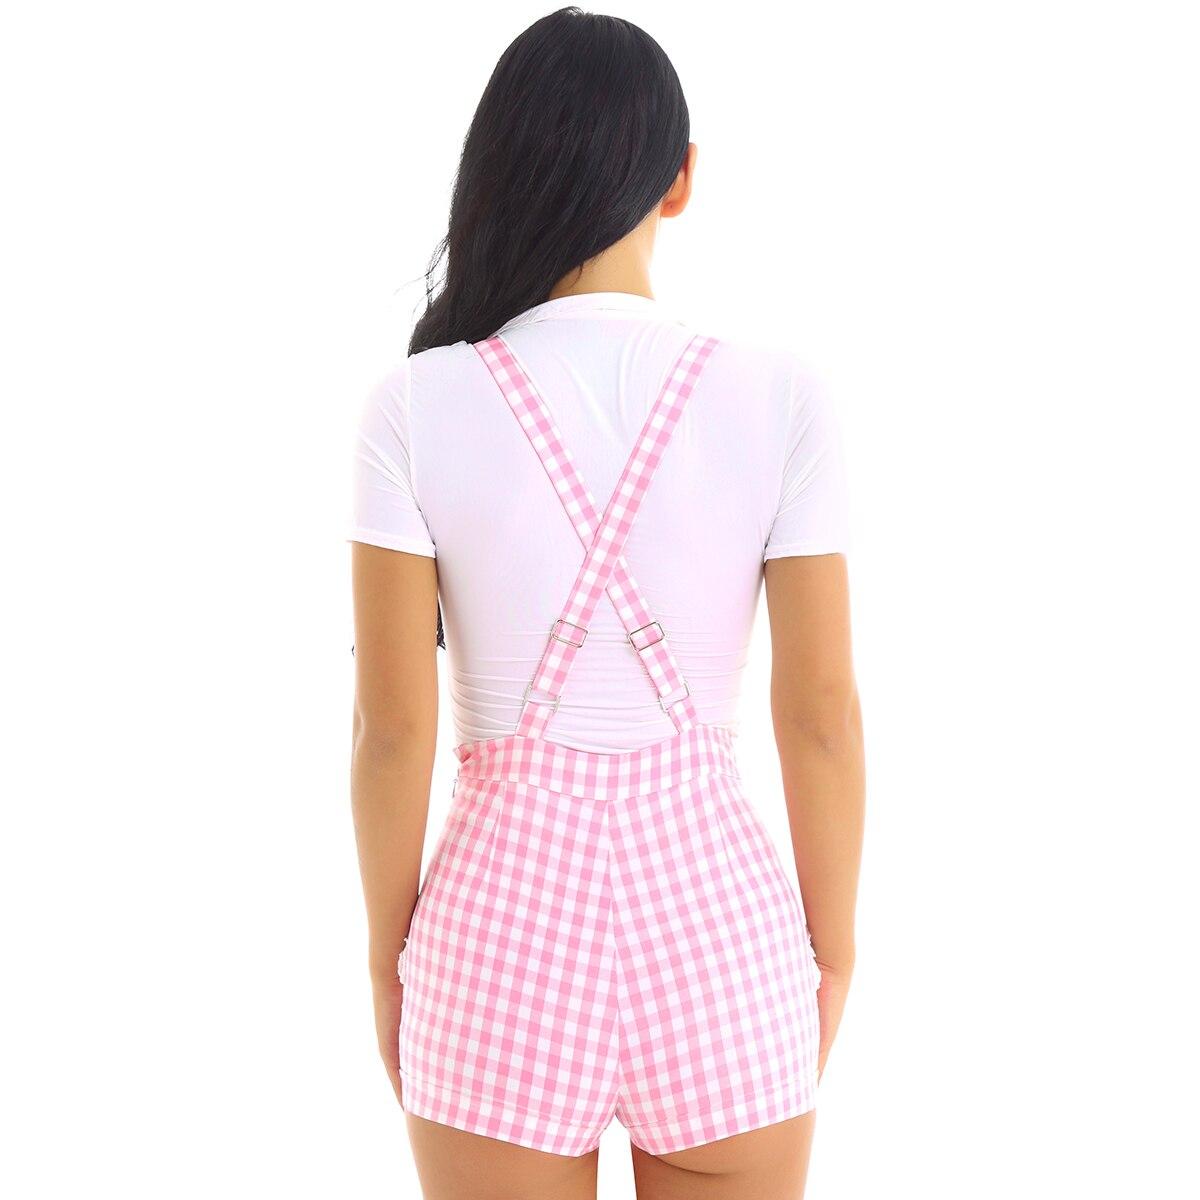 Женская милая школьная одежда; детская одежда с регулируемыми лямками и перекрещивающимися на спине полосками; короткие комбинезоны с принтом